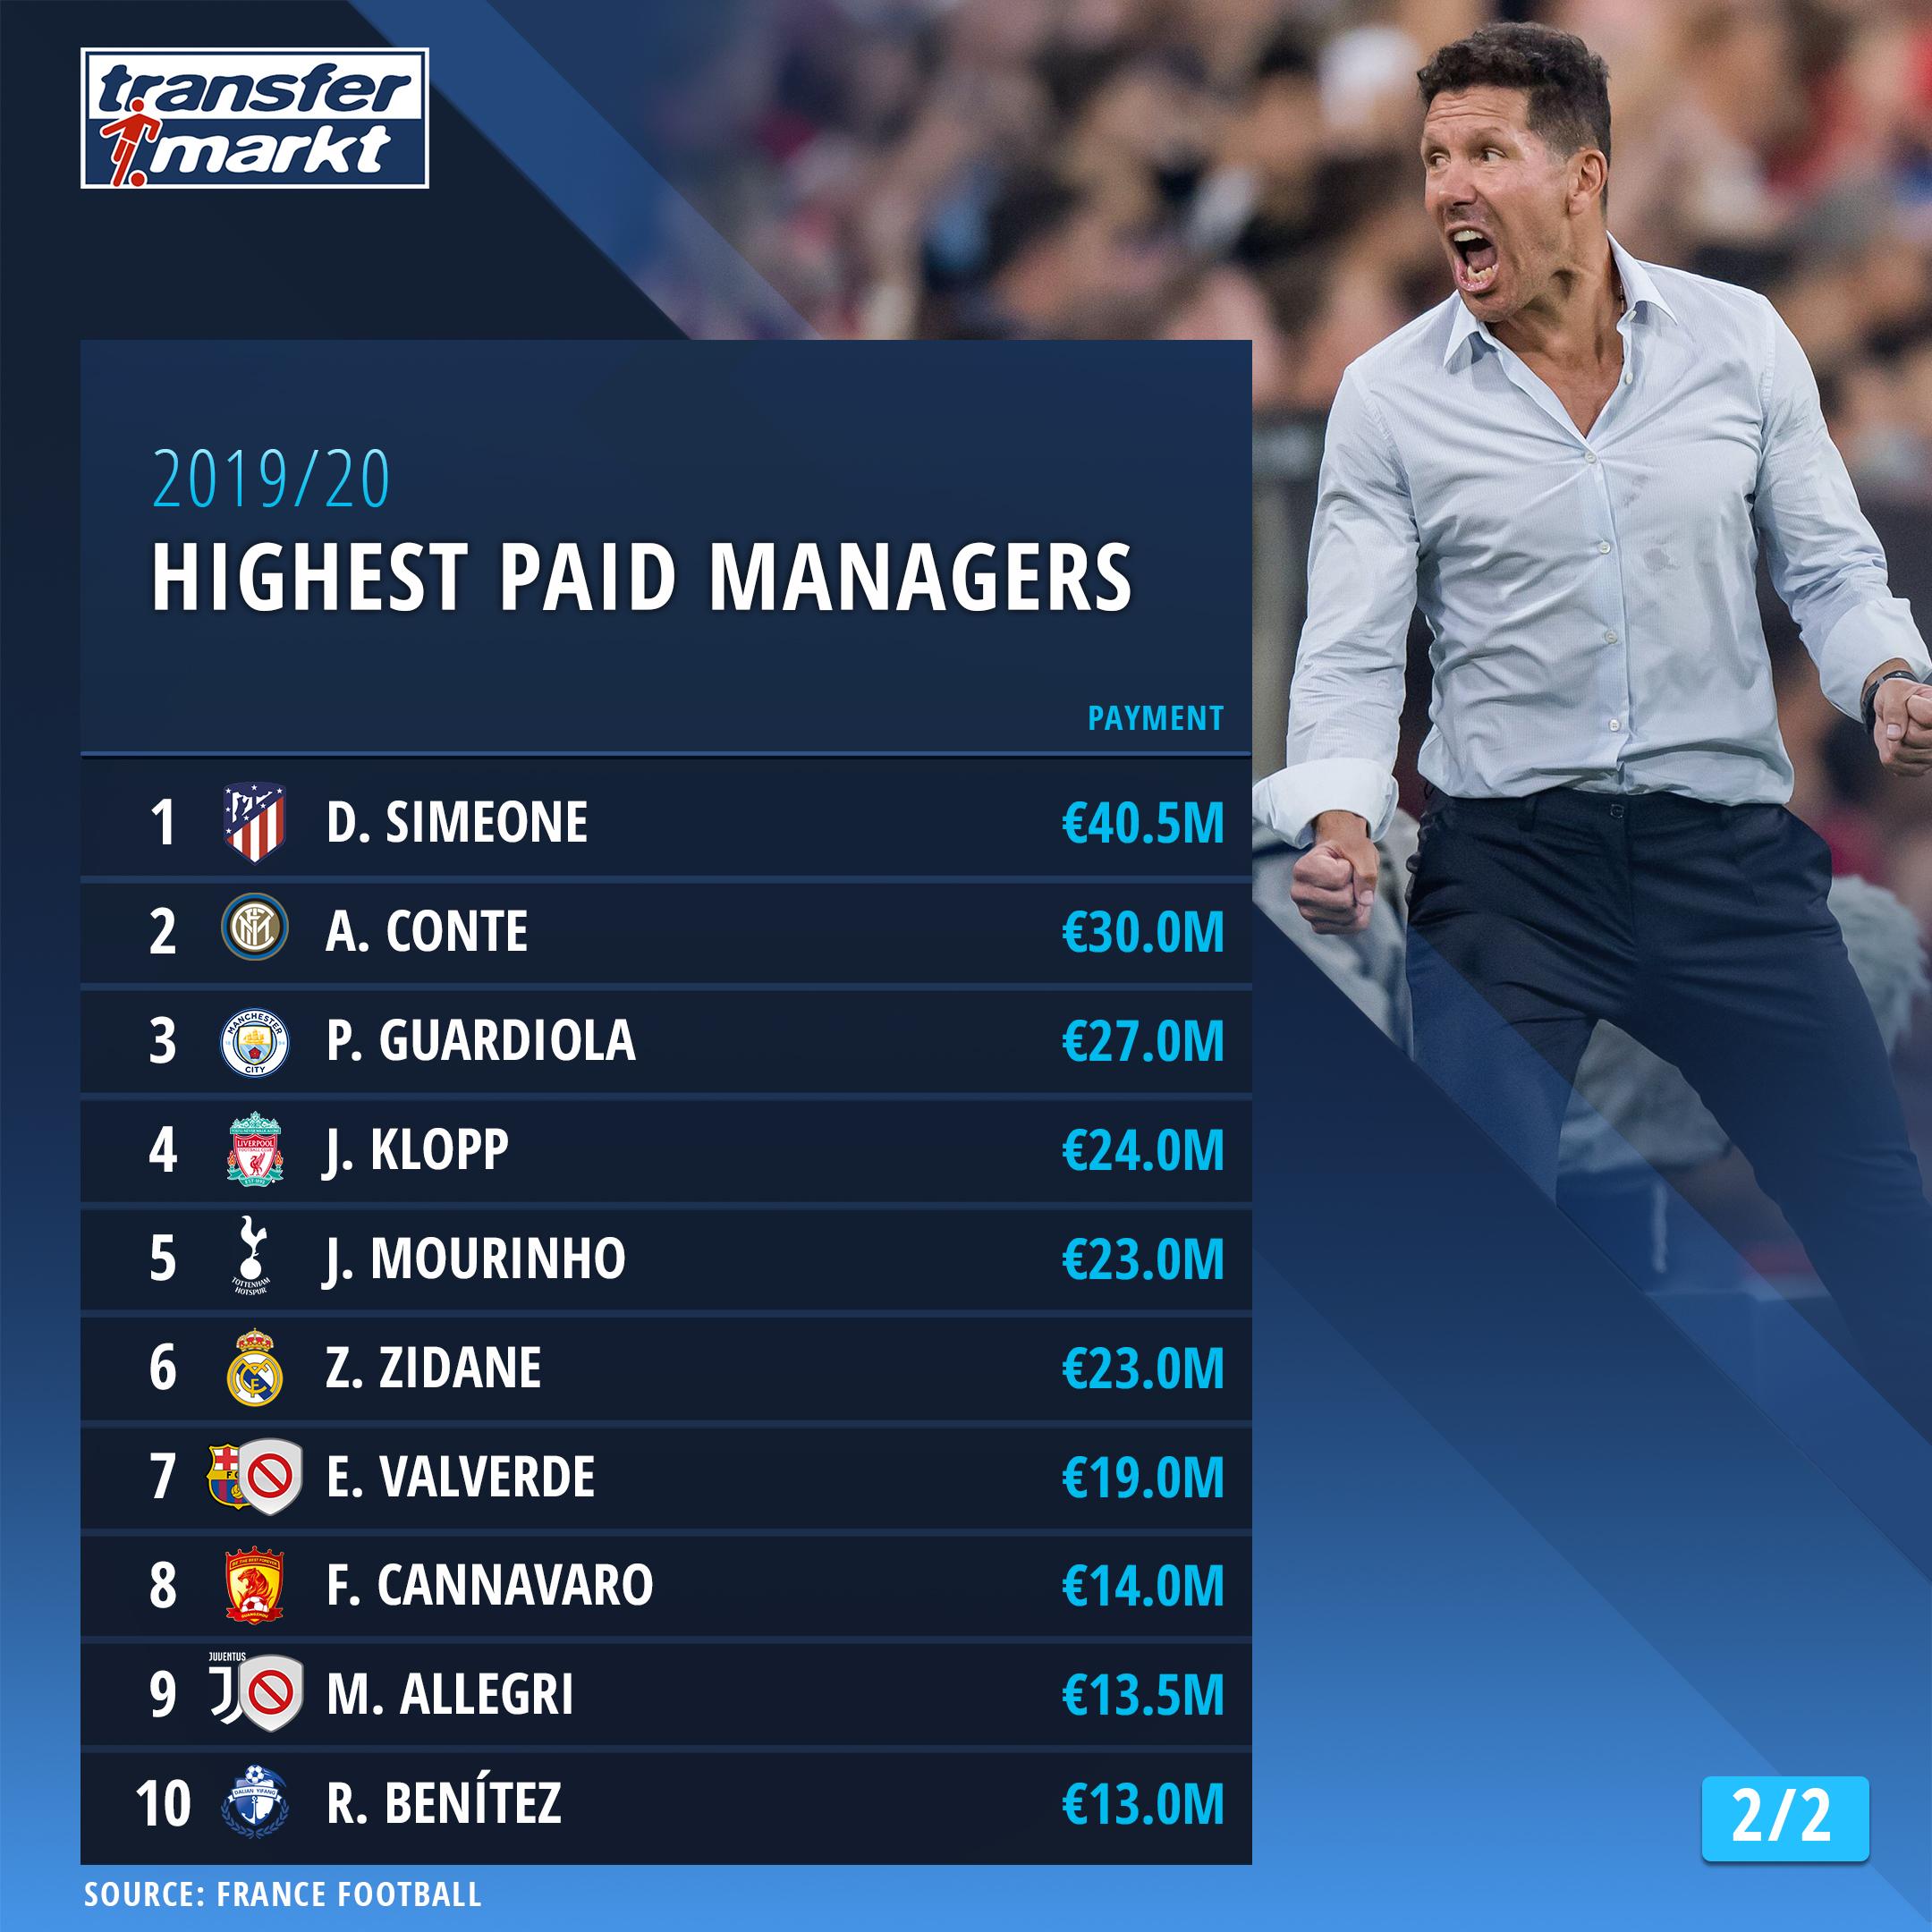 أعلى 10 مدربين